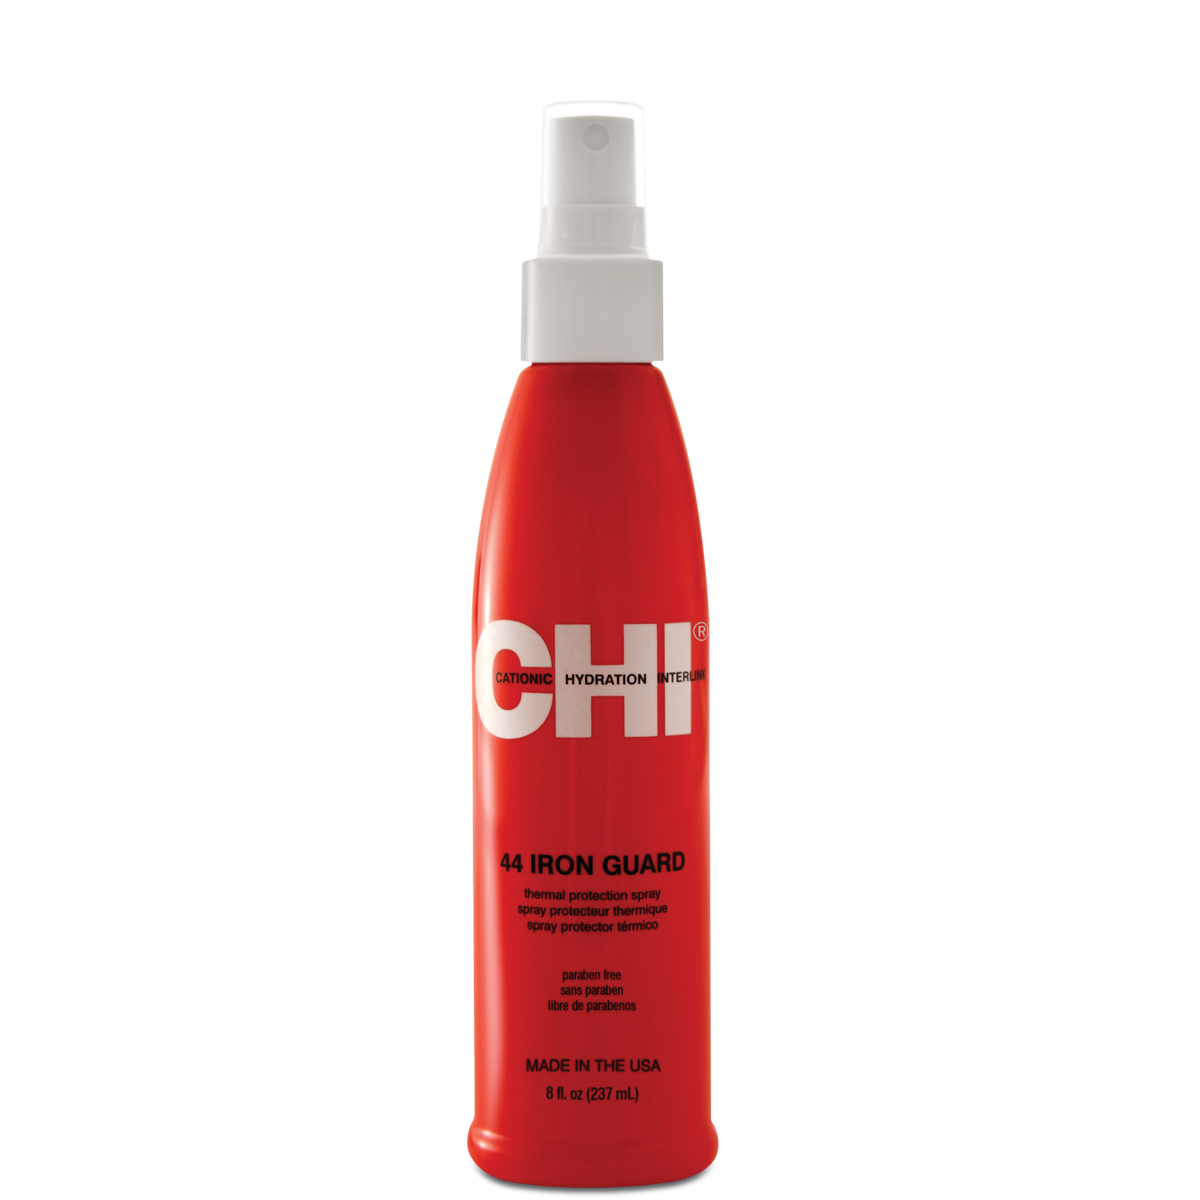 CHI 44 Iron Guard Термозащитный спрей для волос, 237мл